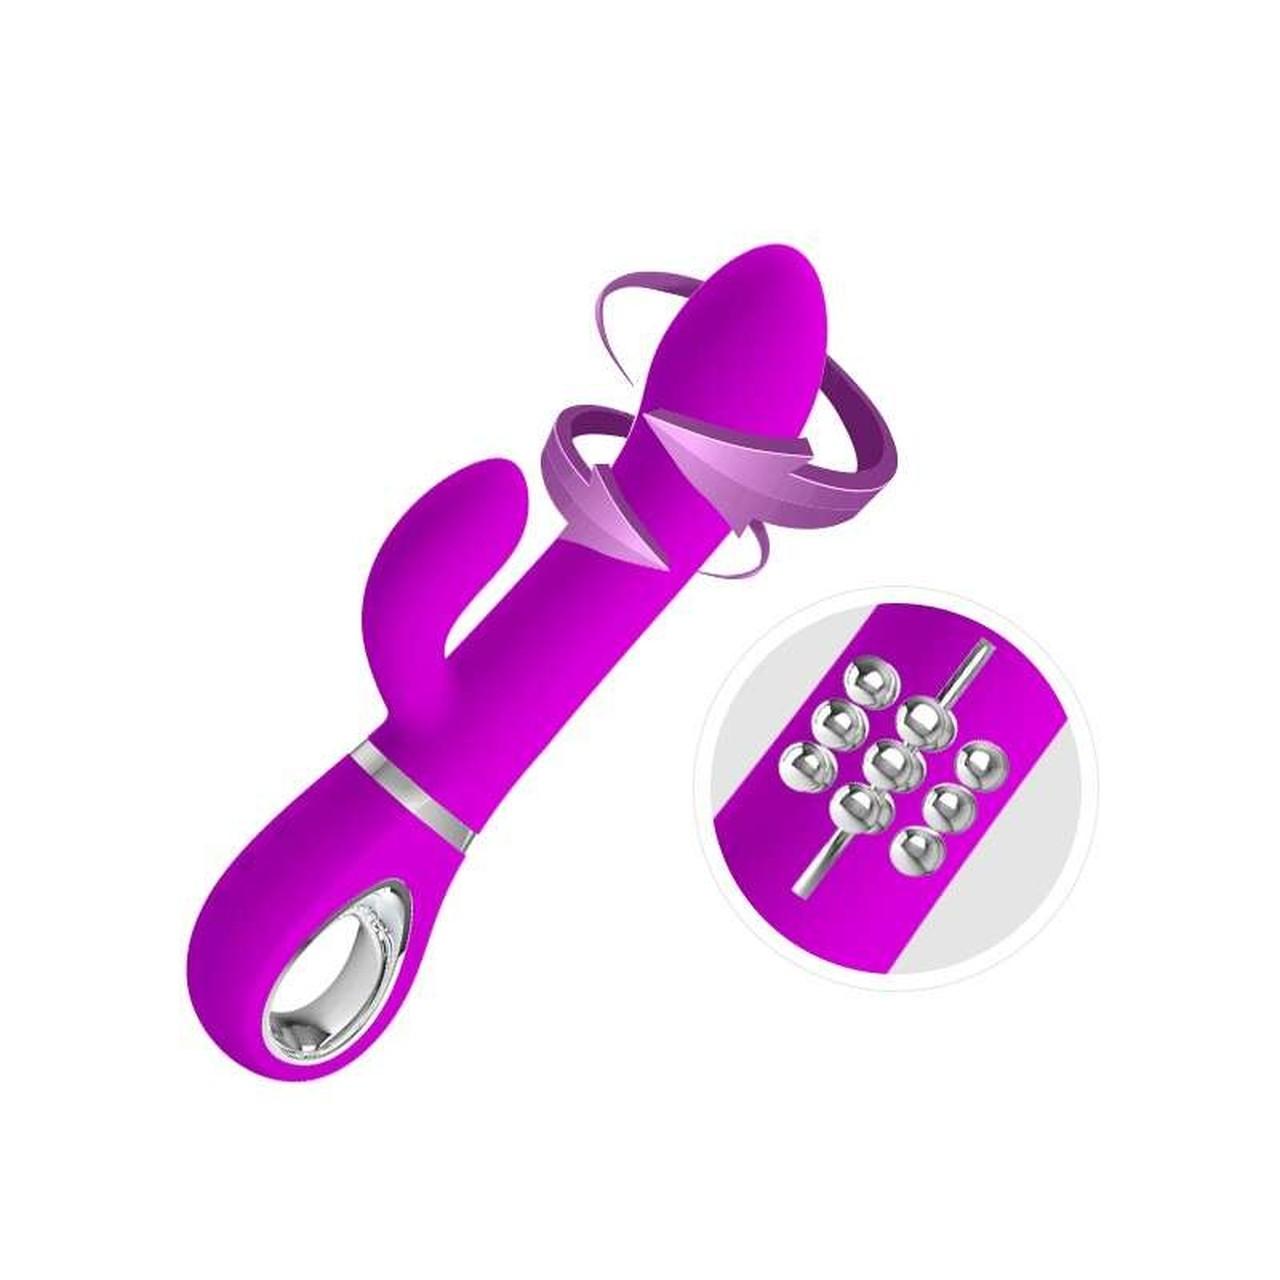 Vibrador Rotativo Recarregável com 12 Modos de Rotação e 4 Modos de Vibração - Pretty Love Ternence